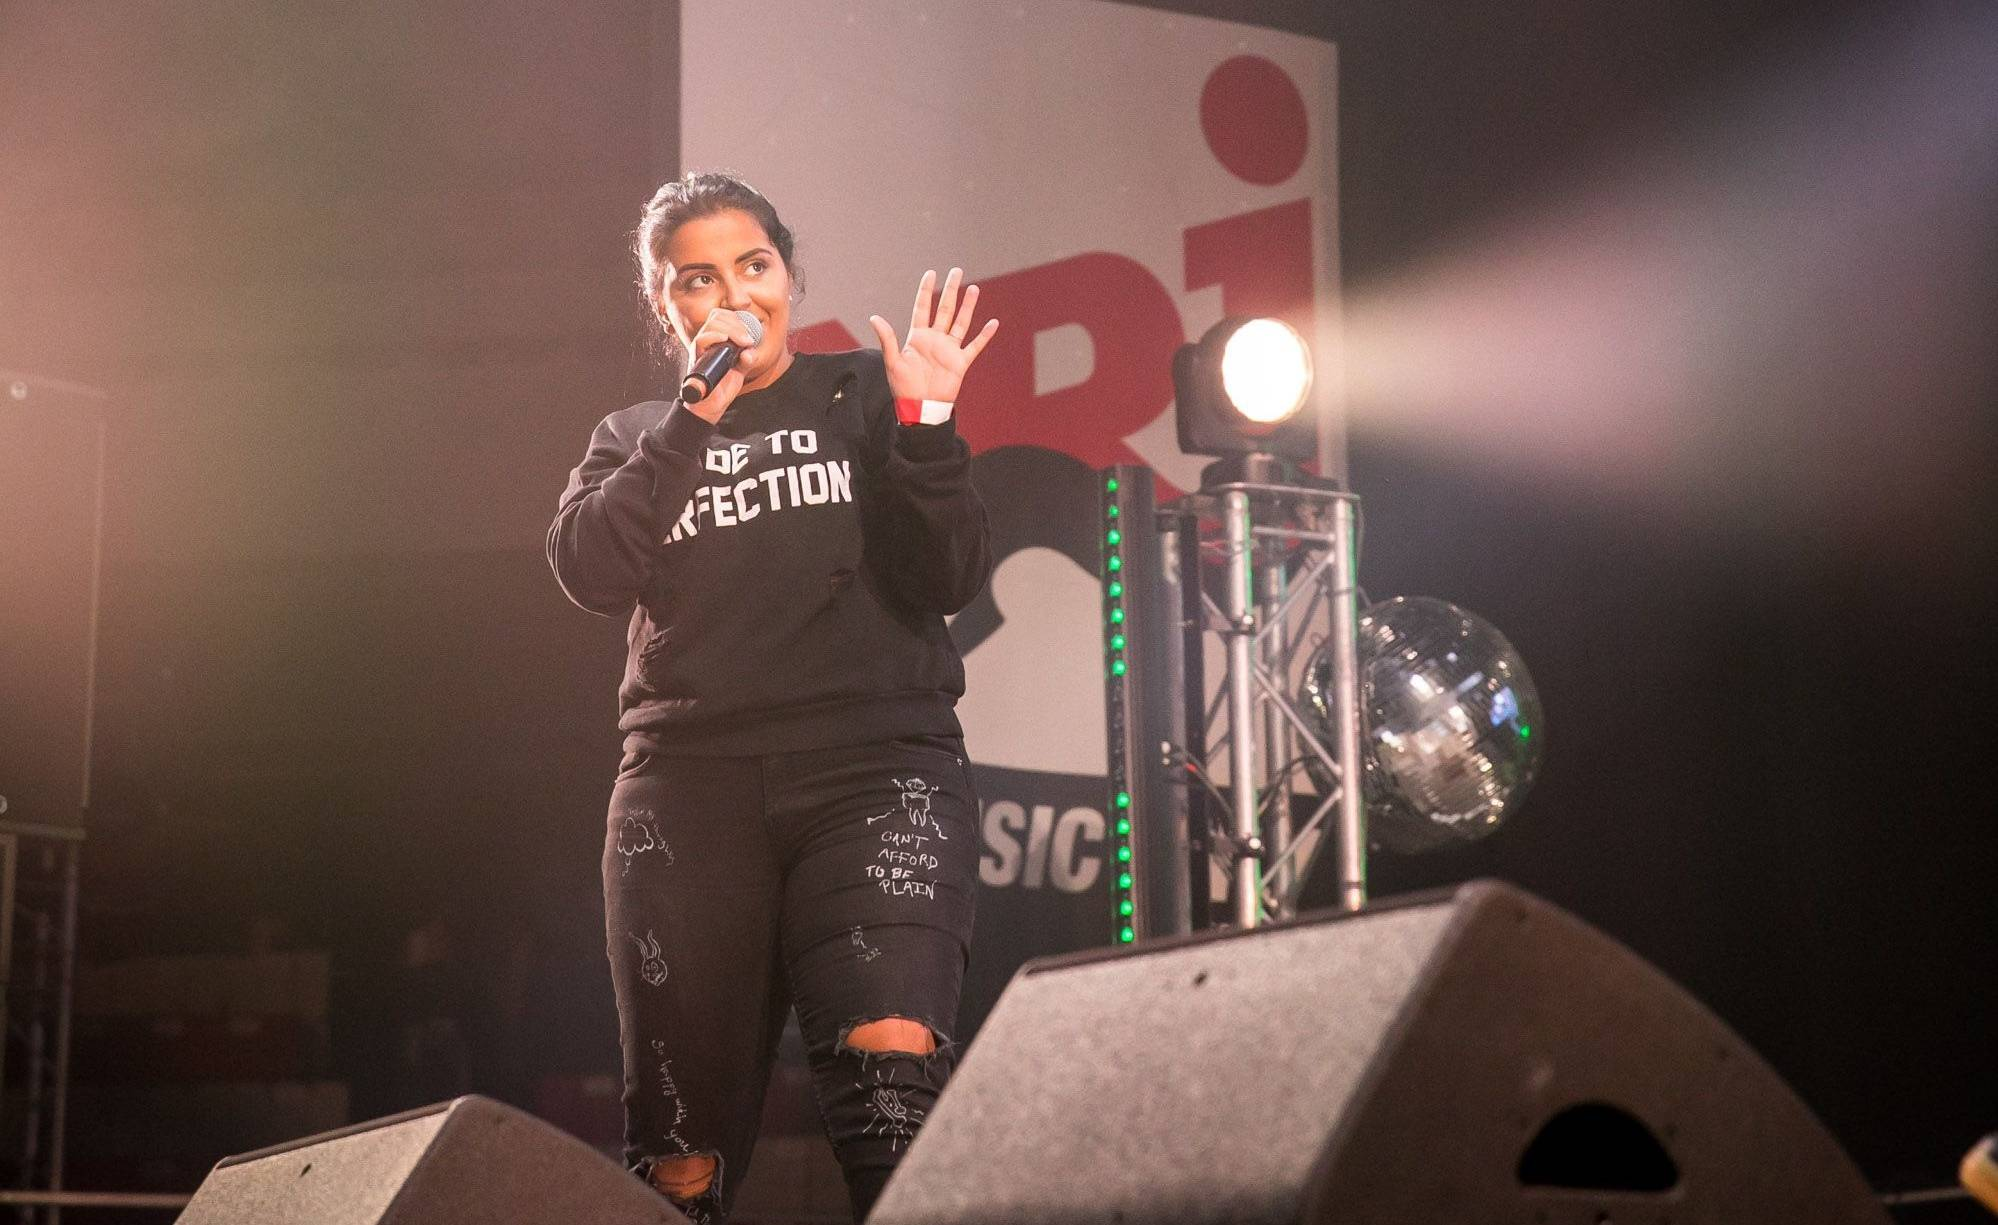 La chanteuse Marwa Loud au NRJ Music Tour en 2018.